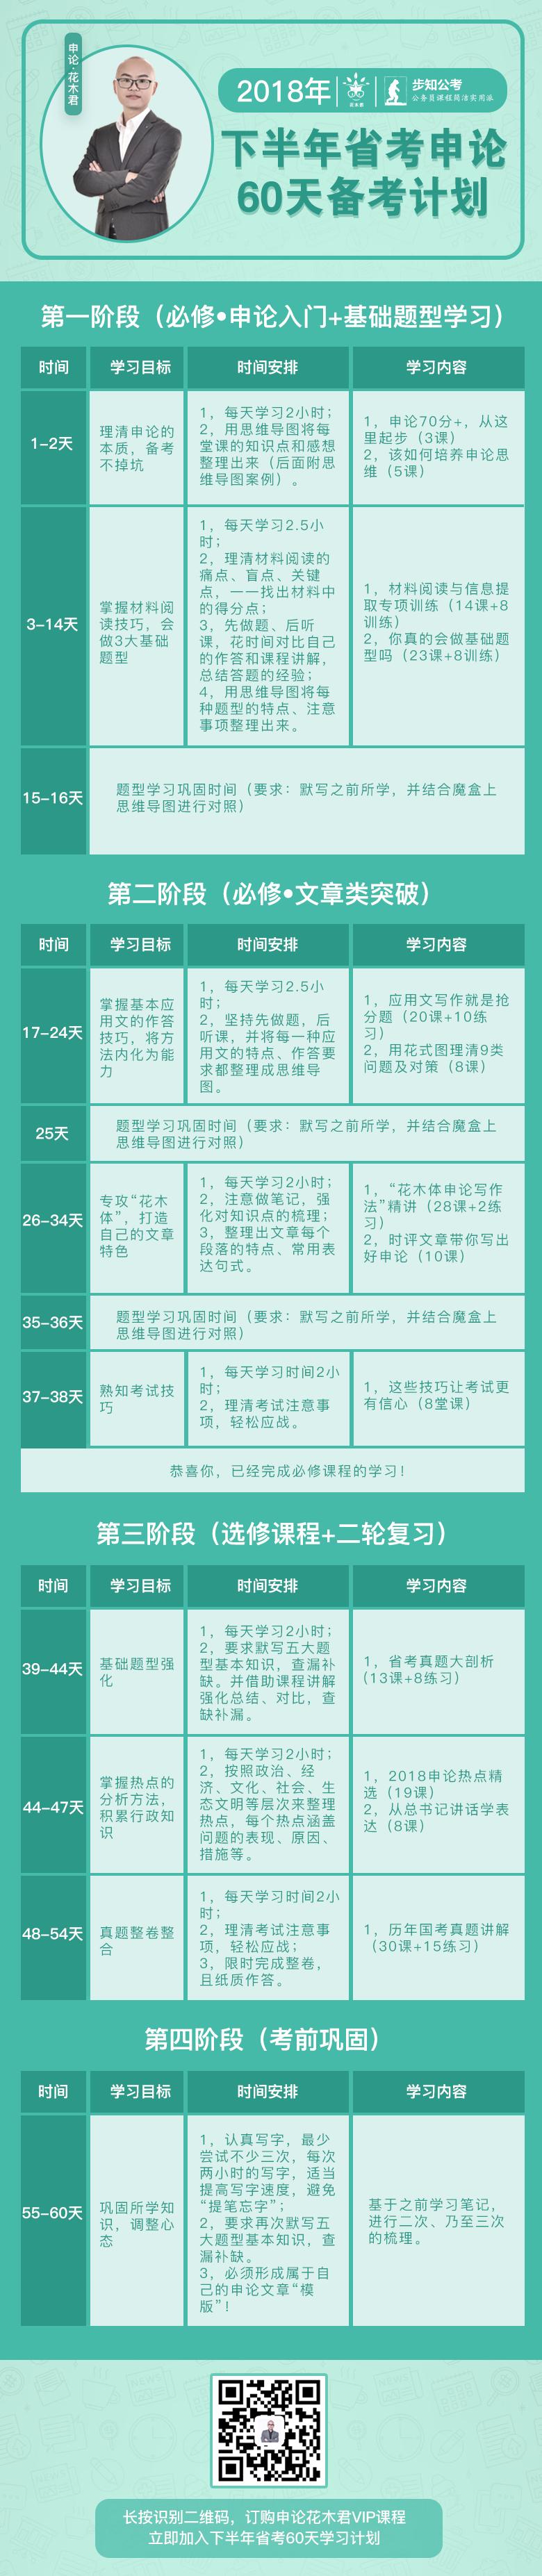 2018年下半年省考申论60天备考计划psd.png